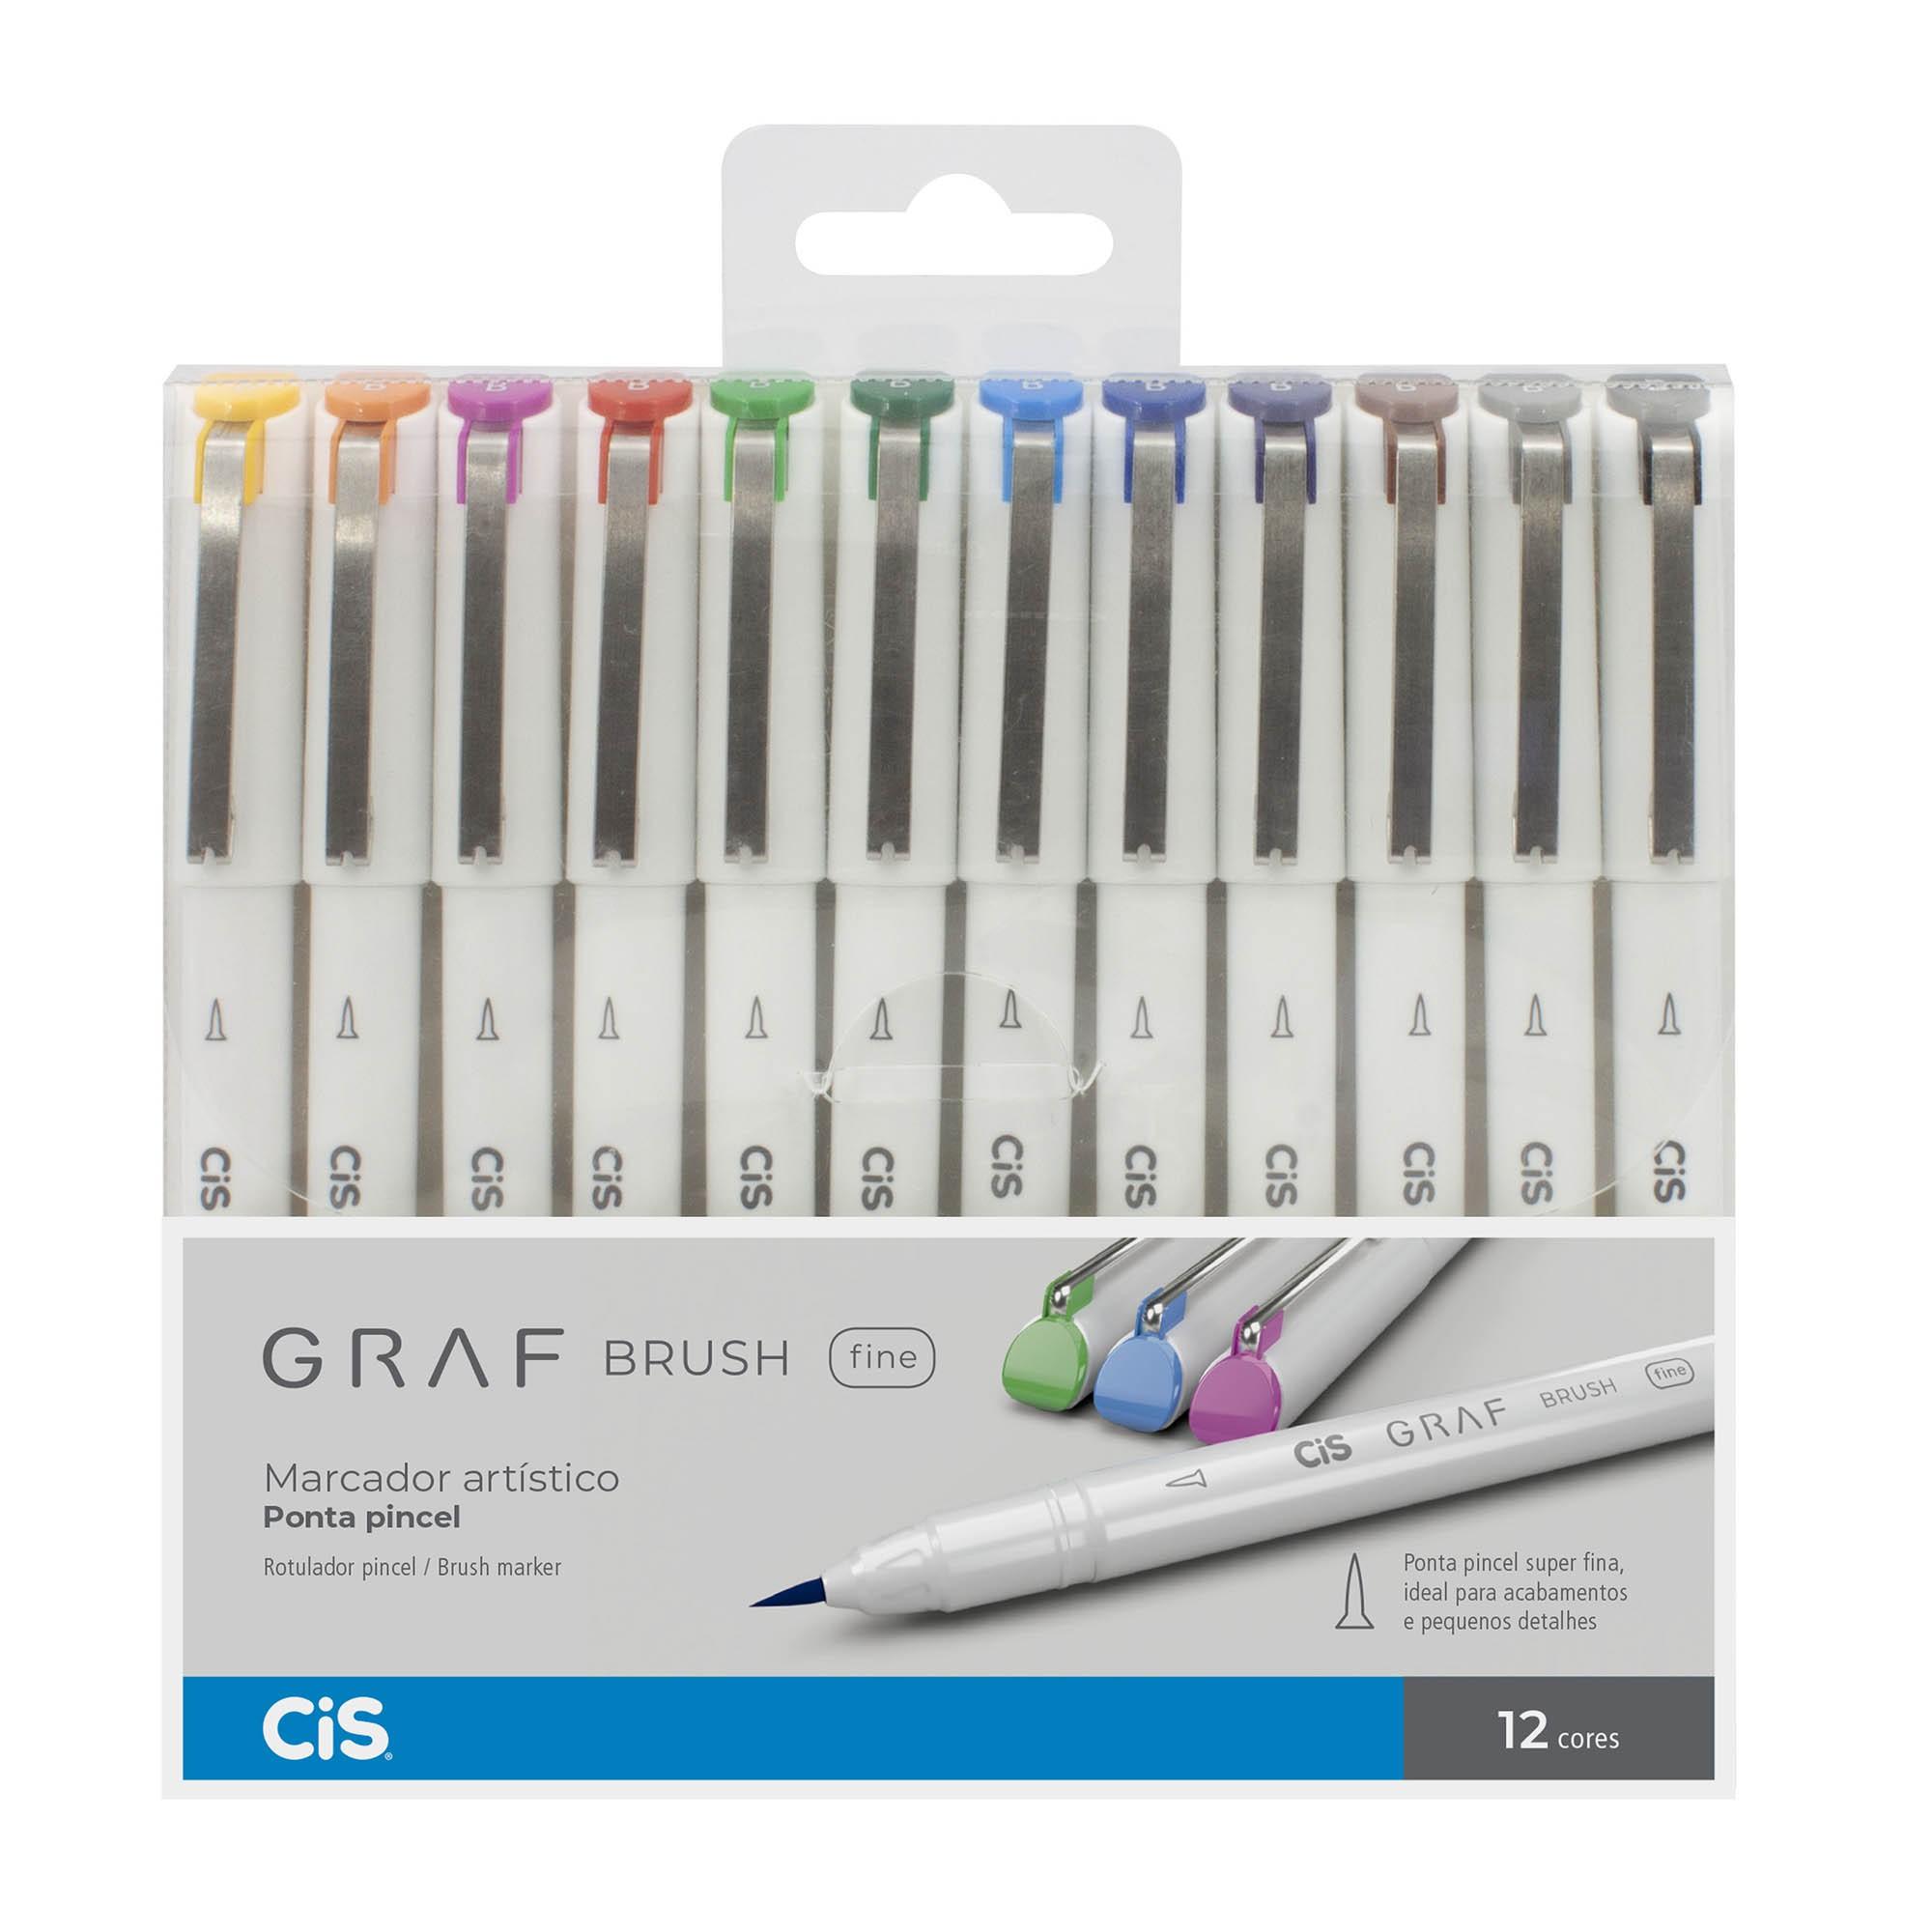 Marcador Artistico, Cis, Graf Brush Fine, Com 12 Cores